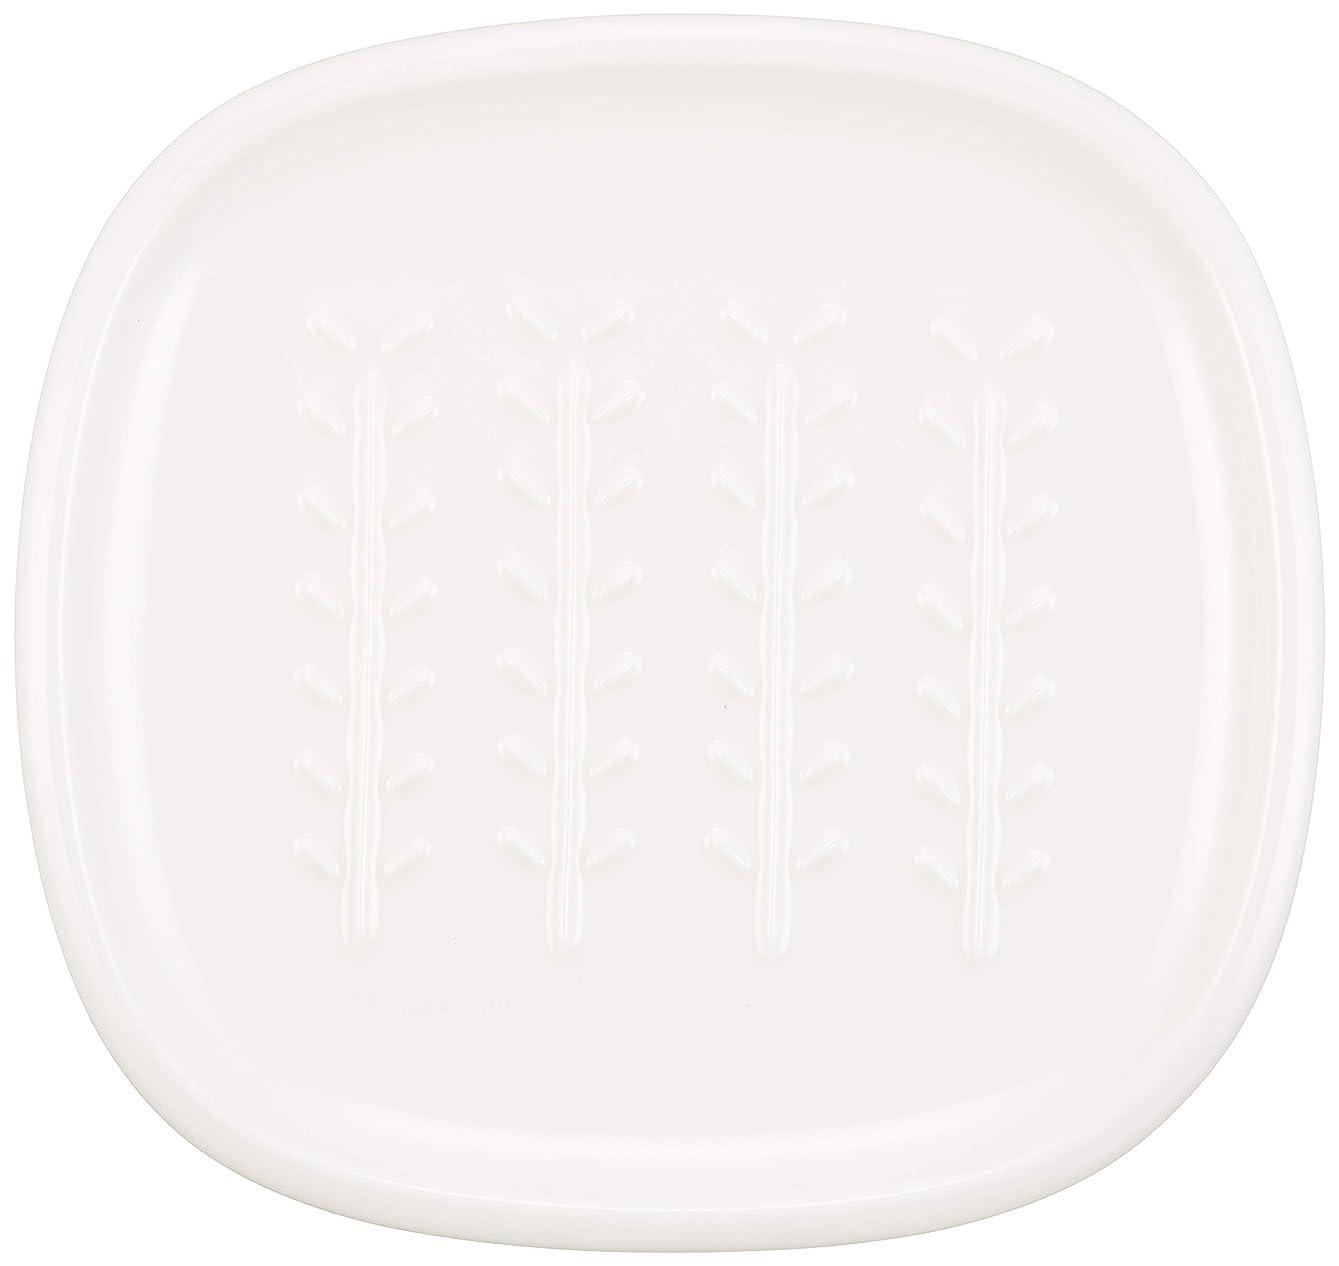 ピグマリオン金曜日固めるCRUST パン皿(小枝柄) アイボリー 58-013-201